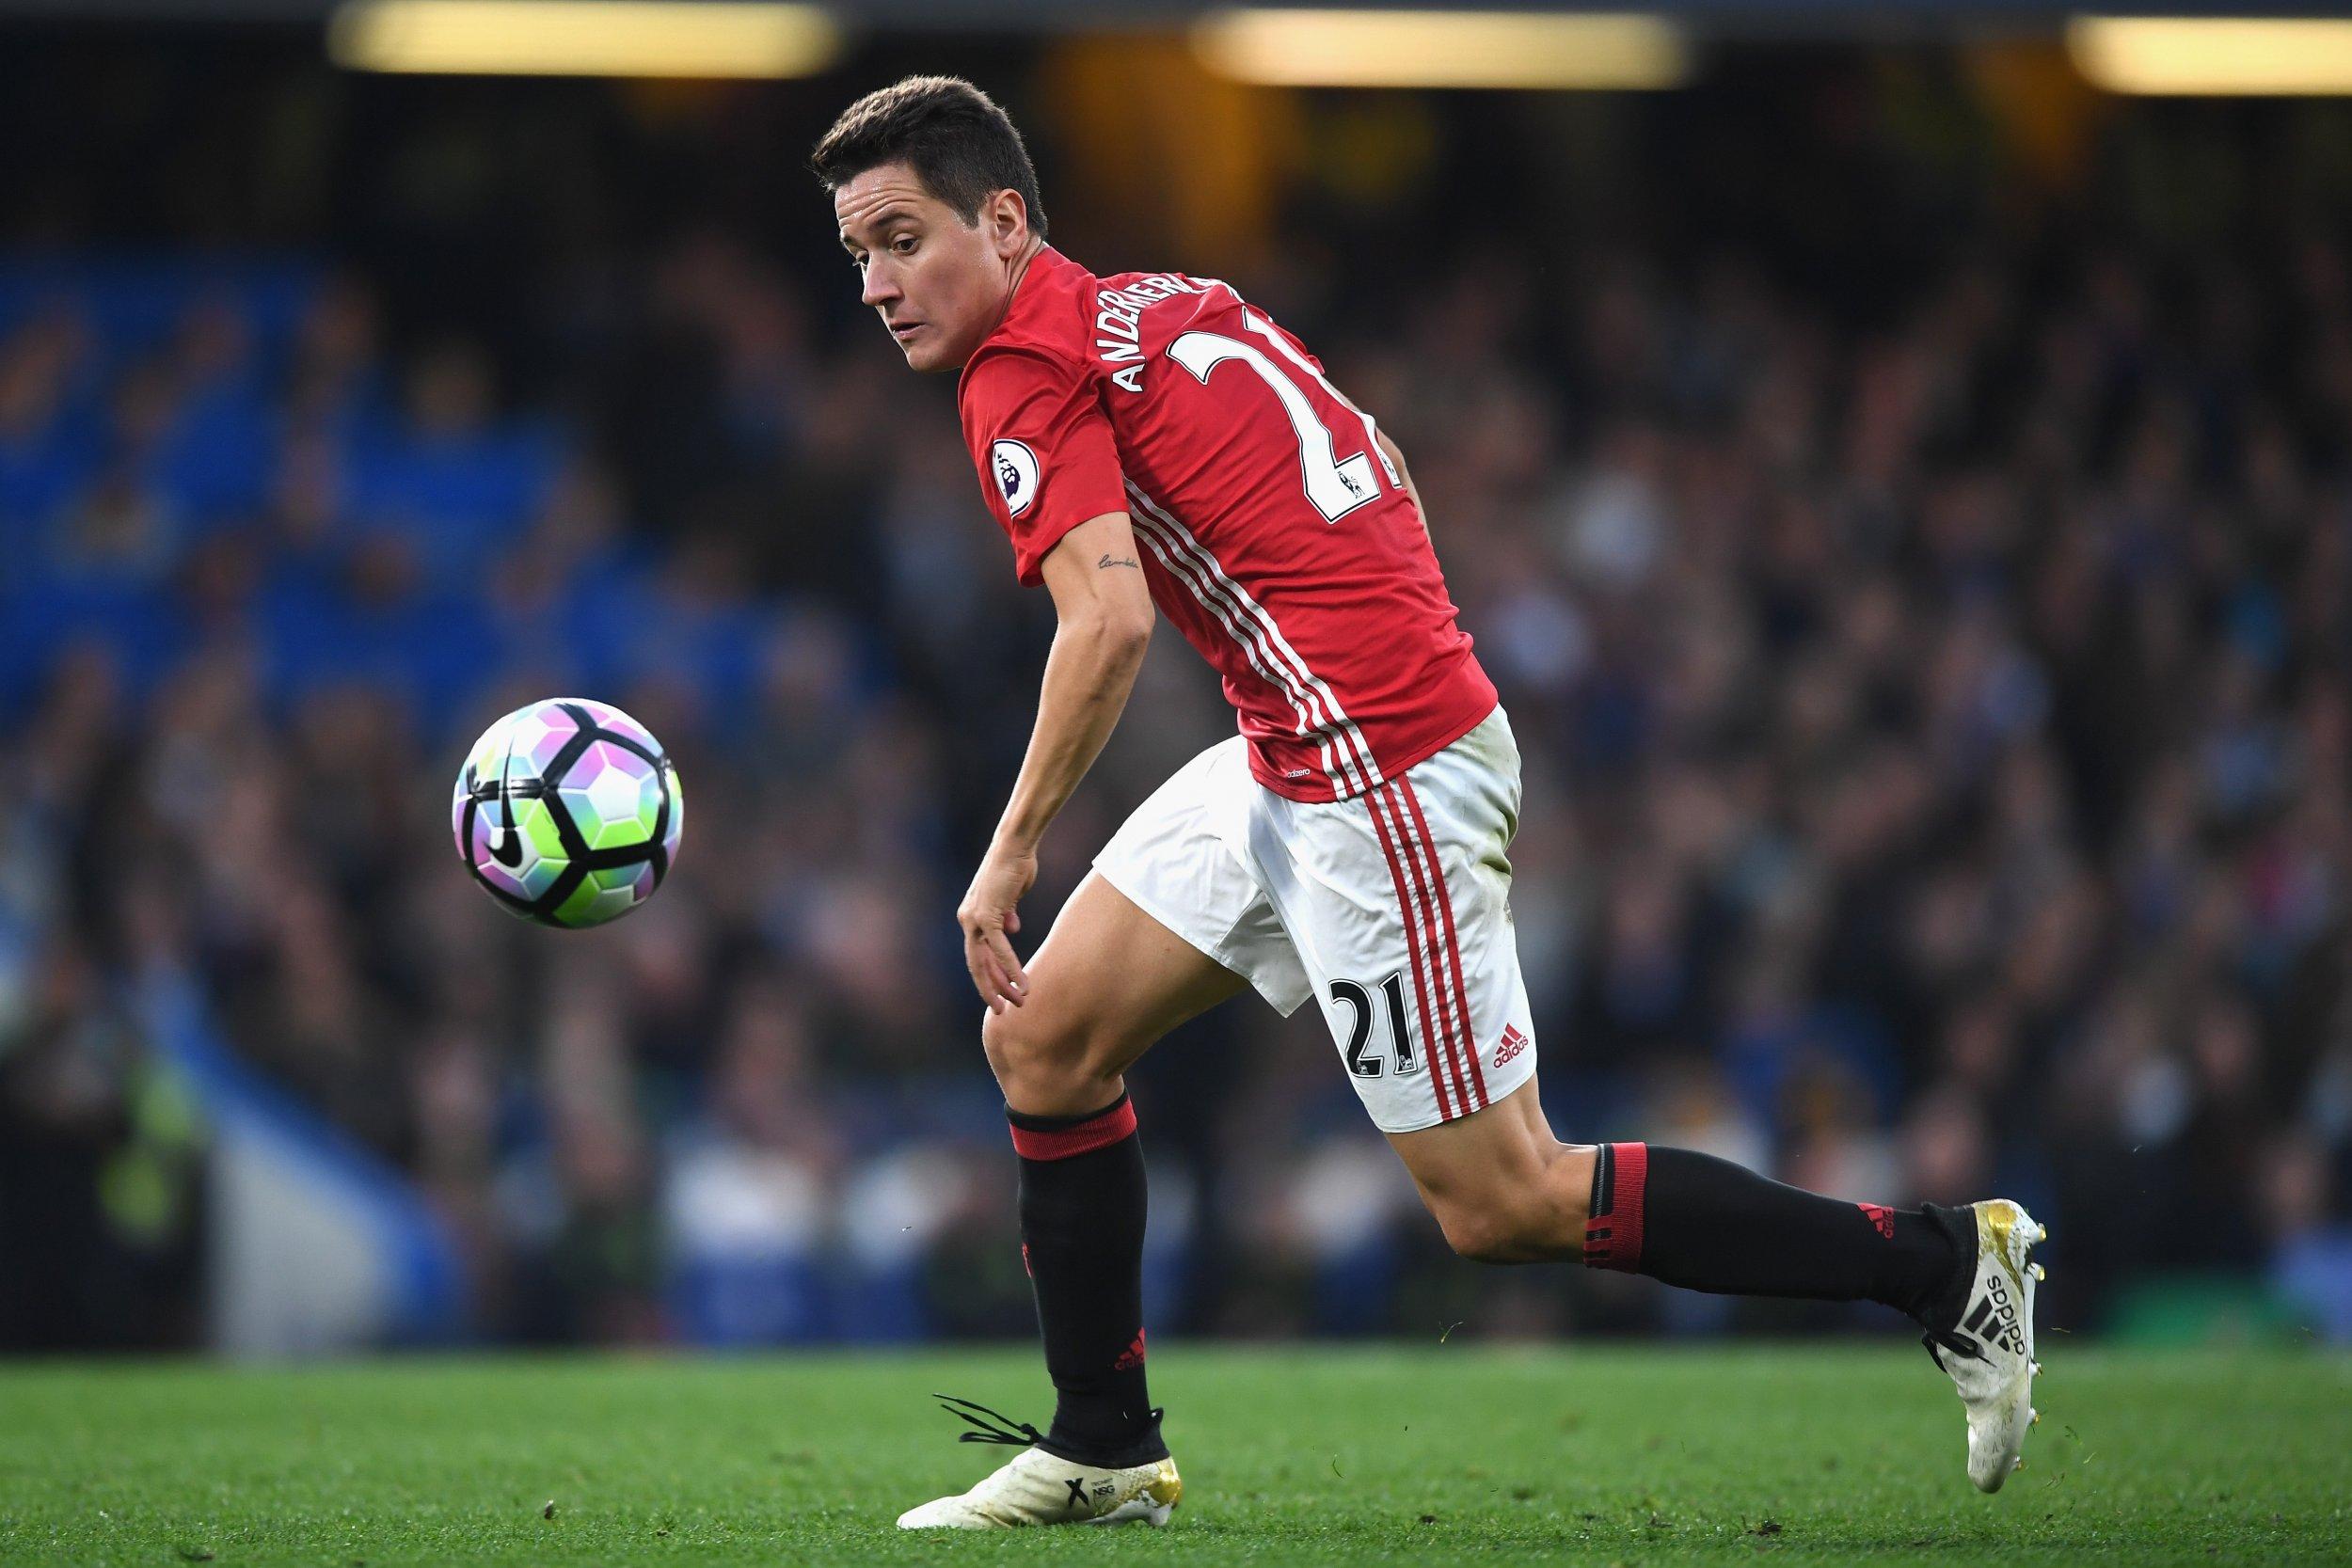 Manchester United midfielder Ander Herrera